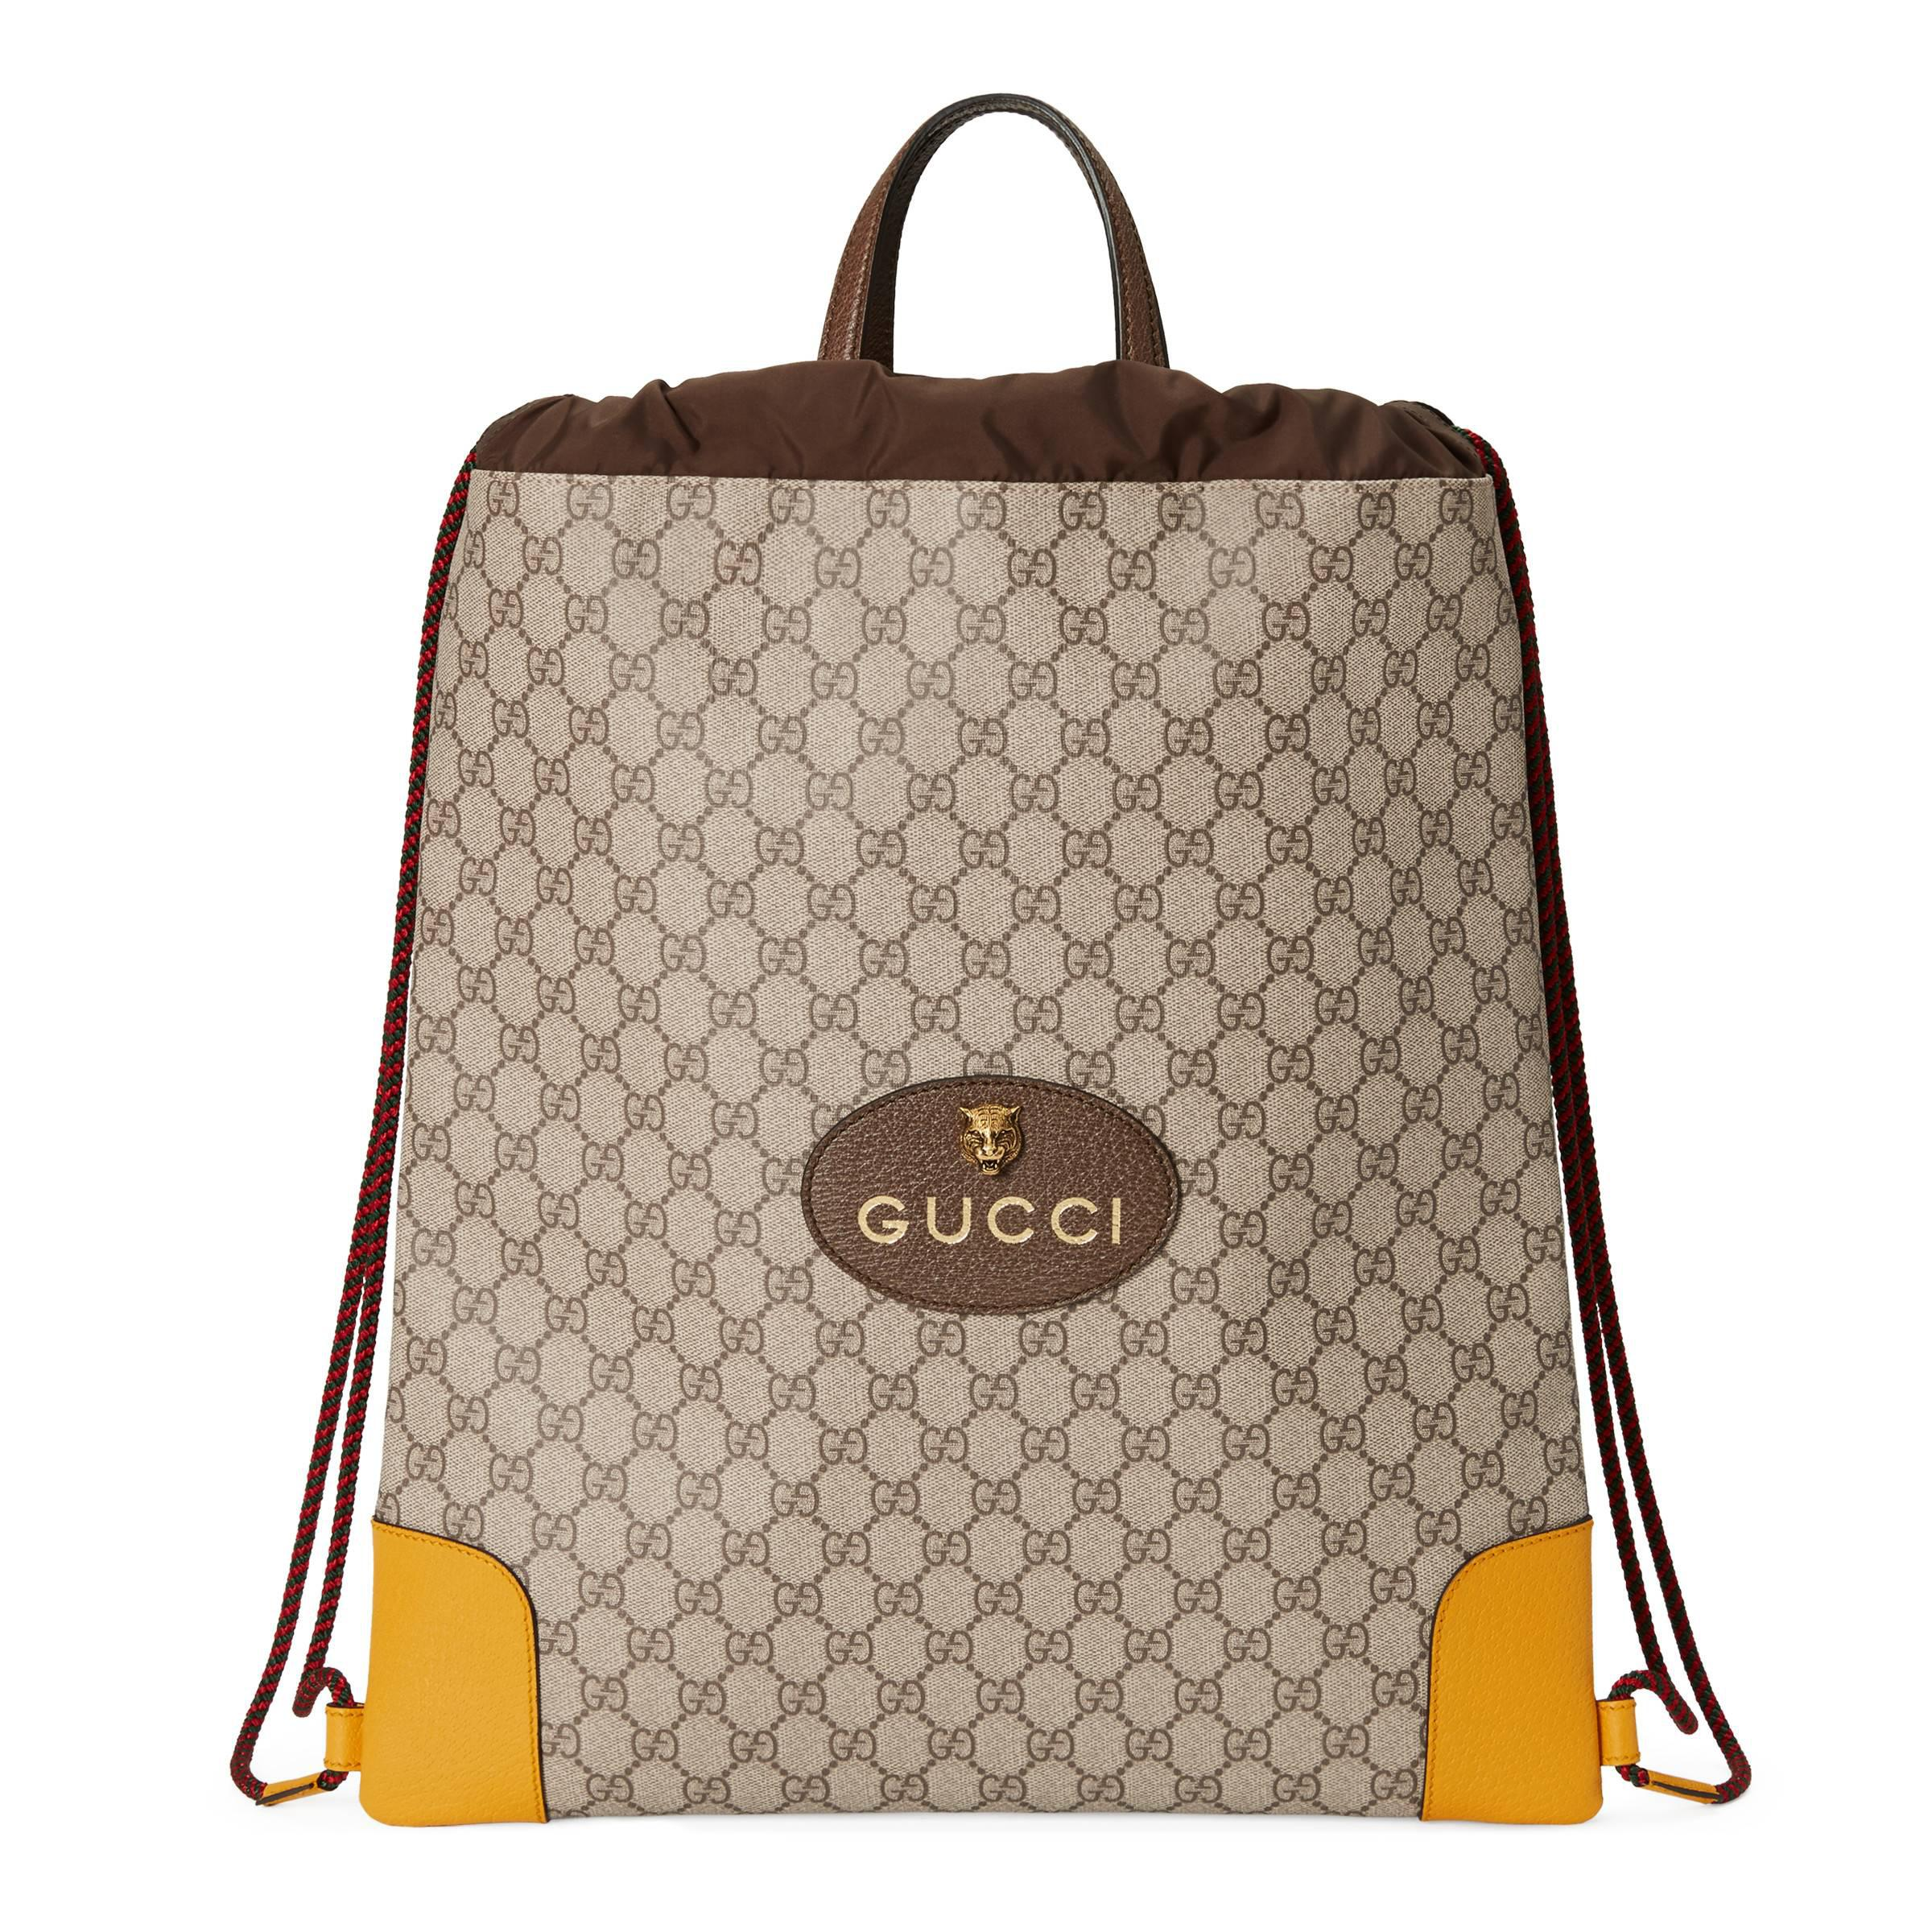 31fc659c76 Gucci - Natural GG Supreme Rucksack mit Zugband - Lyst. Vollbild ansehen